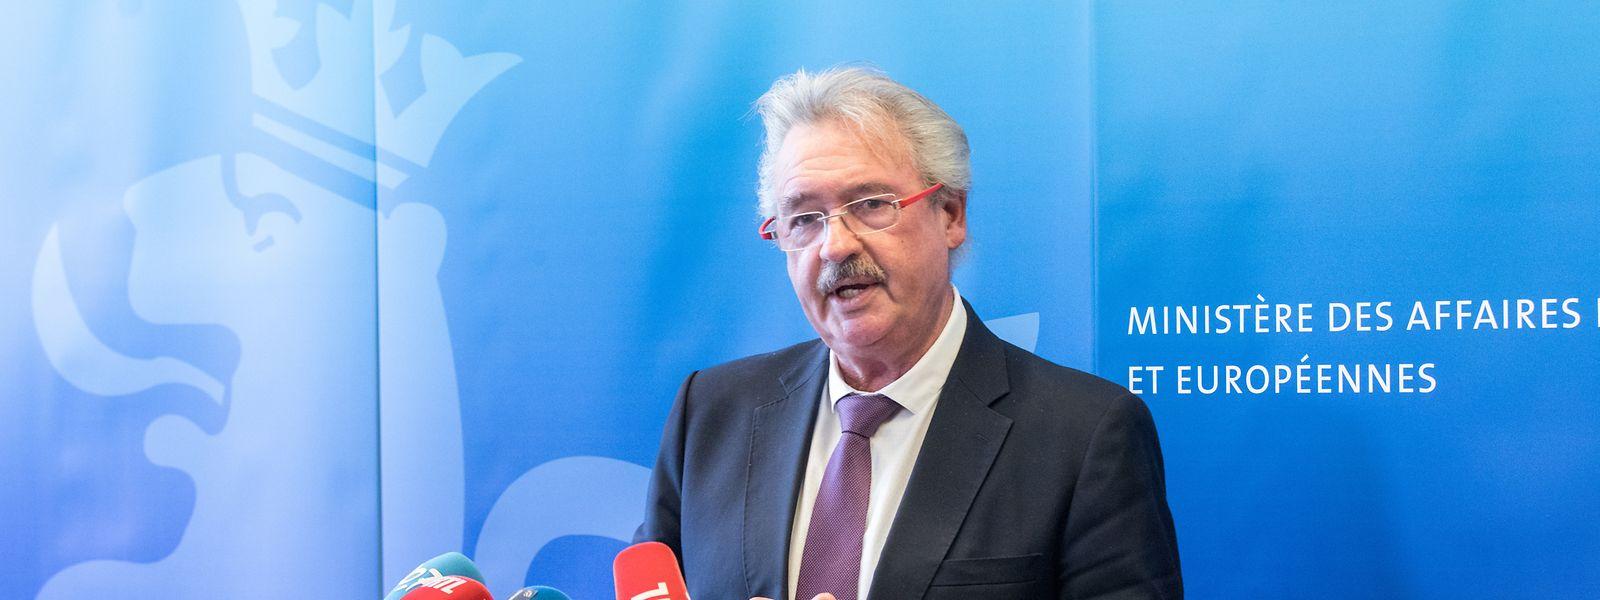 Außenminister Jean Asselborn bei einer Pressekonferenz.